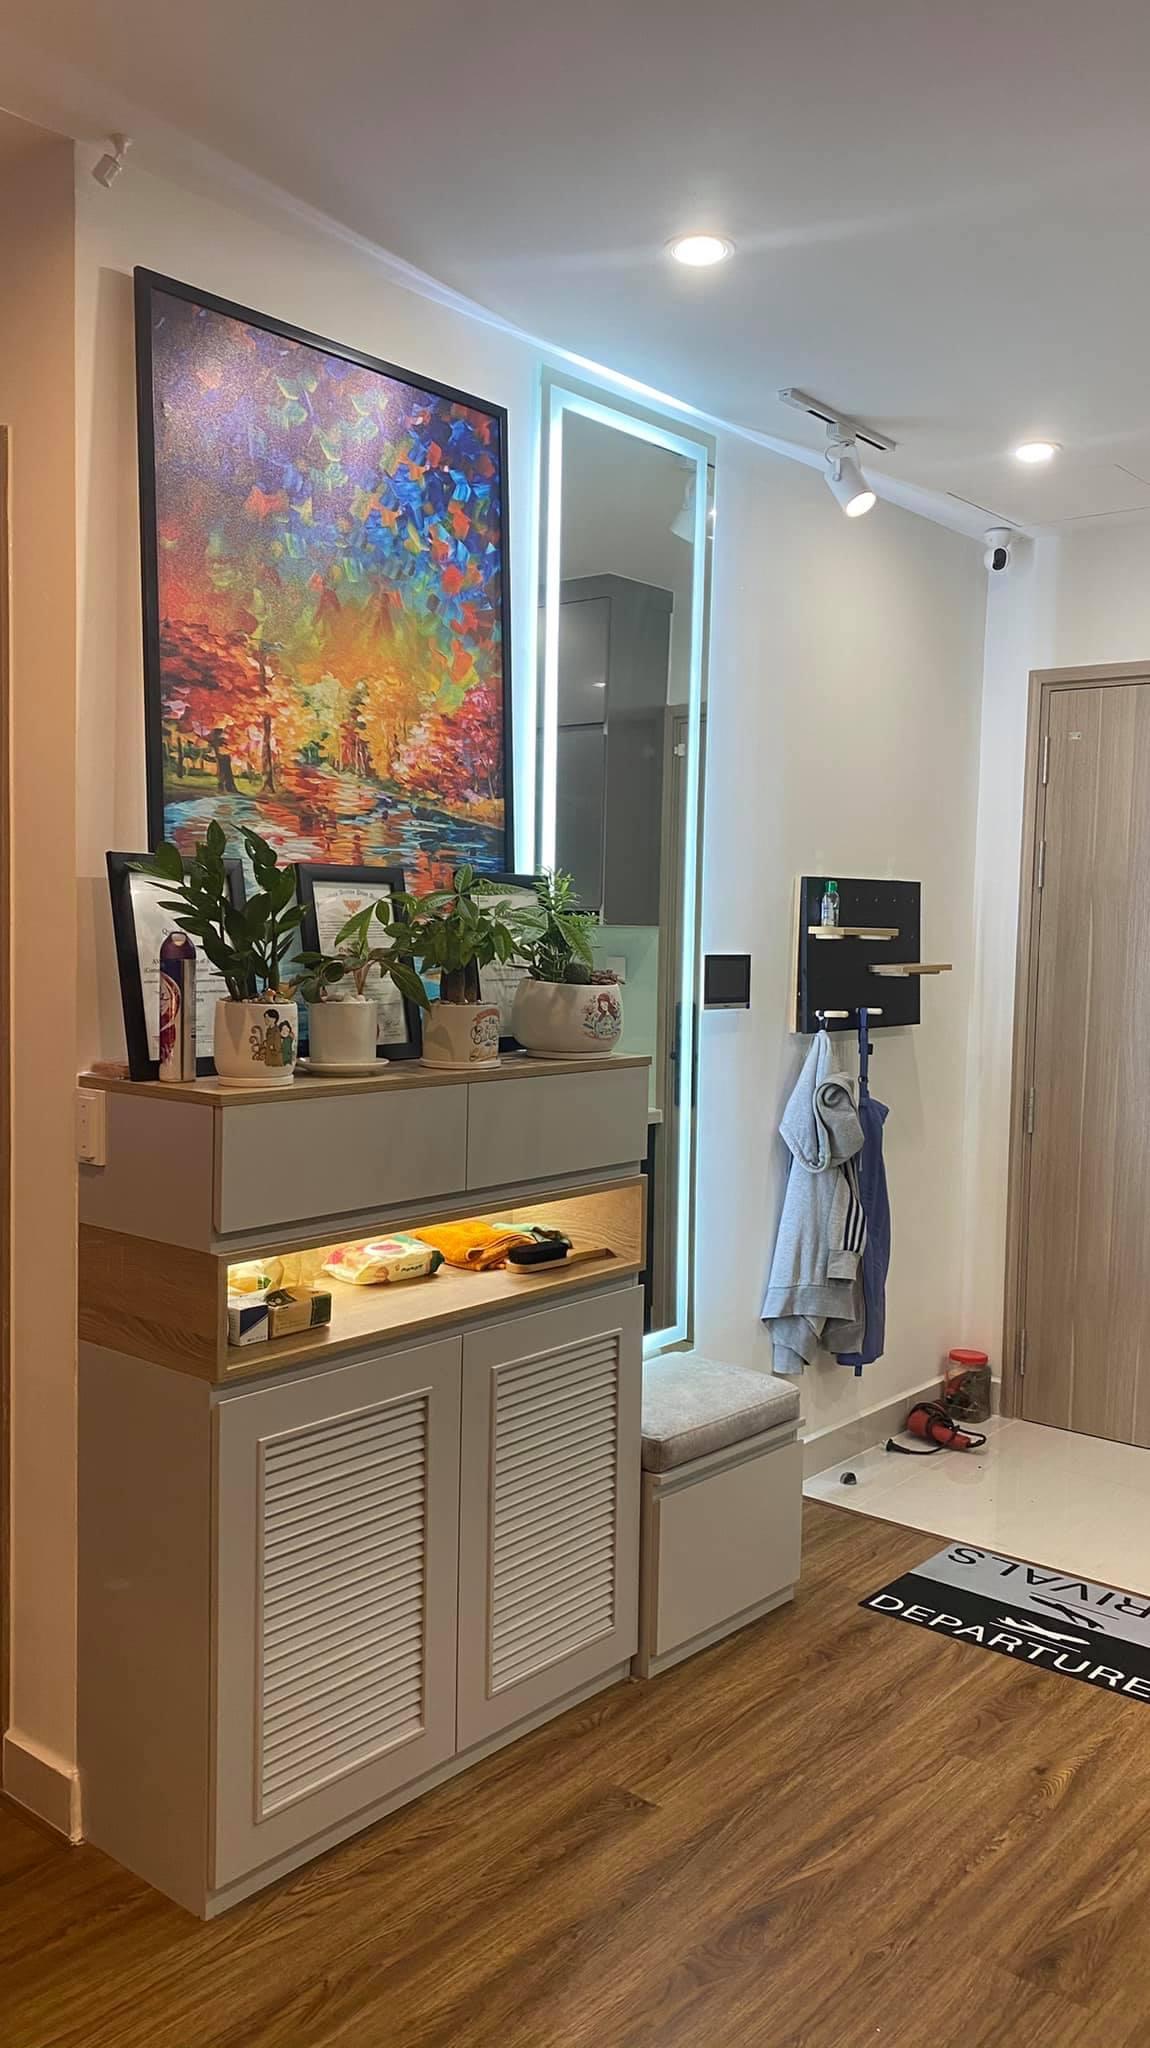 Căn hộ 2 phòng ngủ tầng 19 toà S2.02 Vinhomes Grand Park 8 triệu/tháng 4